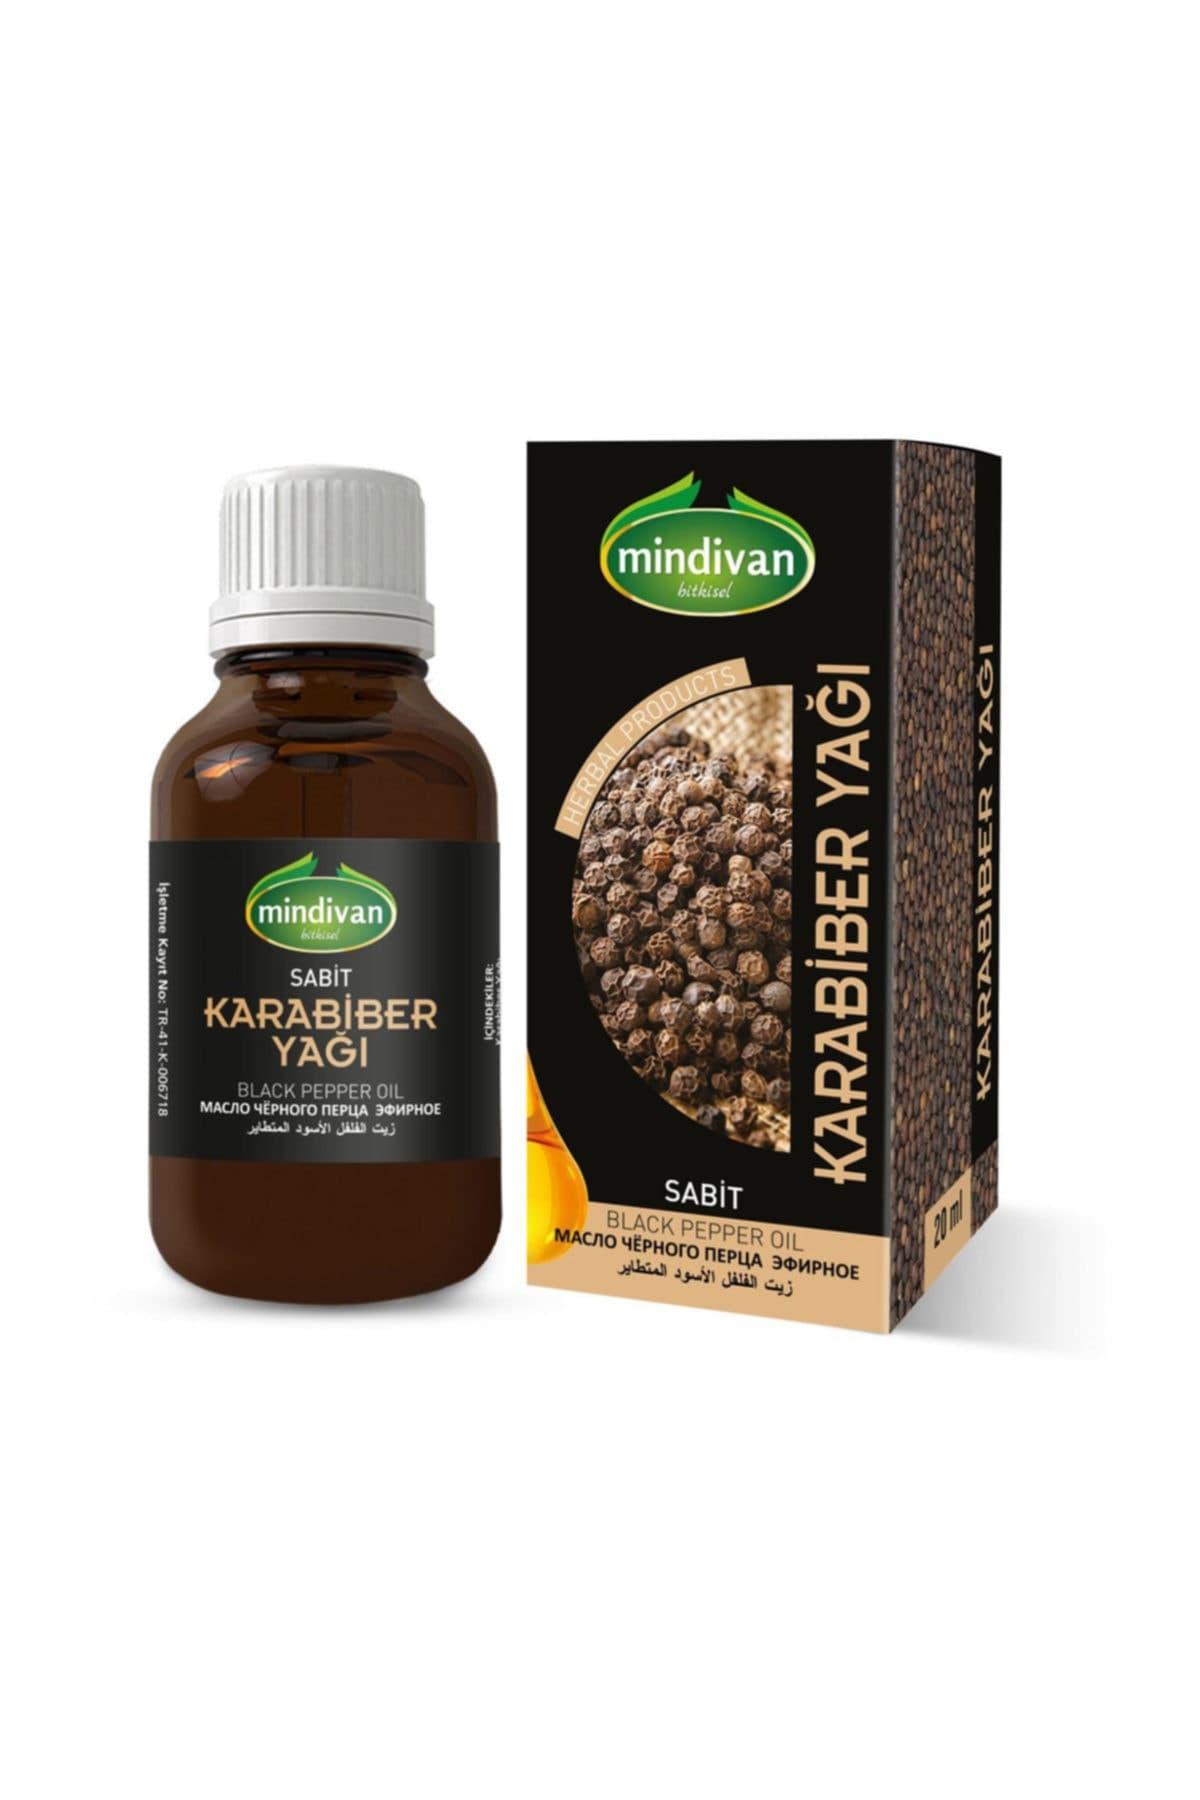 Mindivan Karabiber Yağı 20 ml ürünü